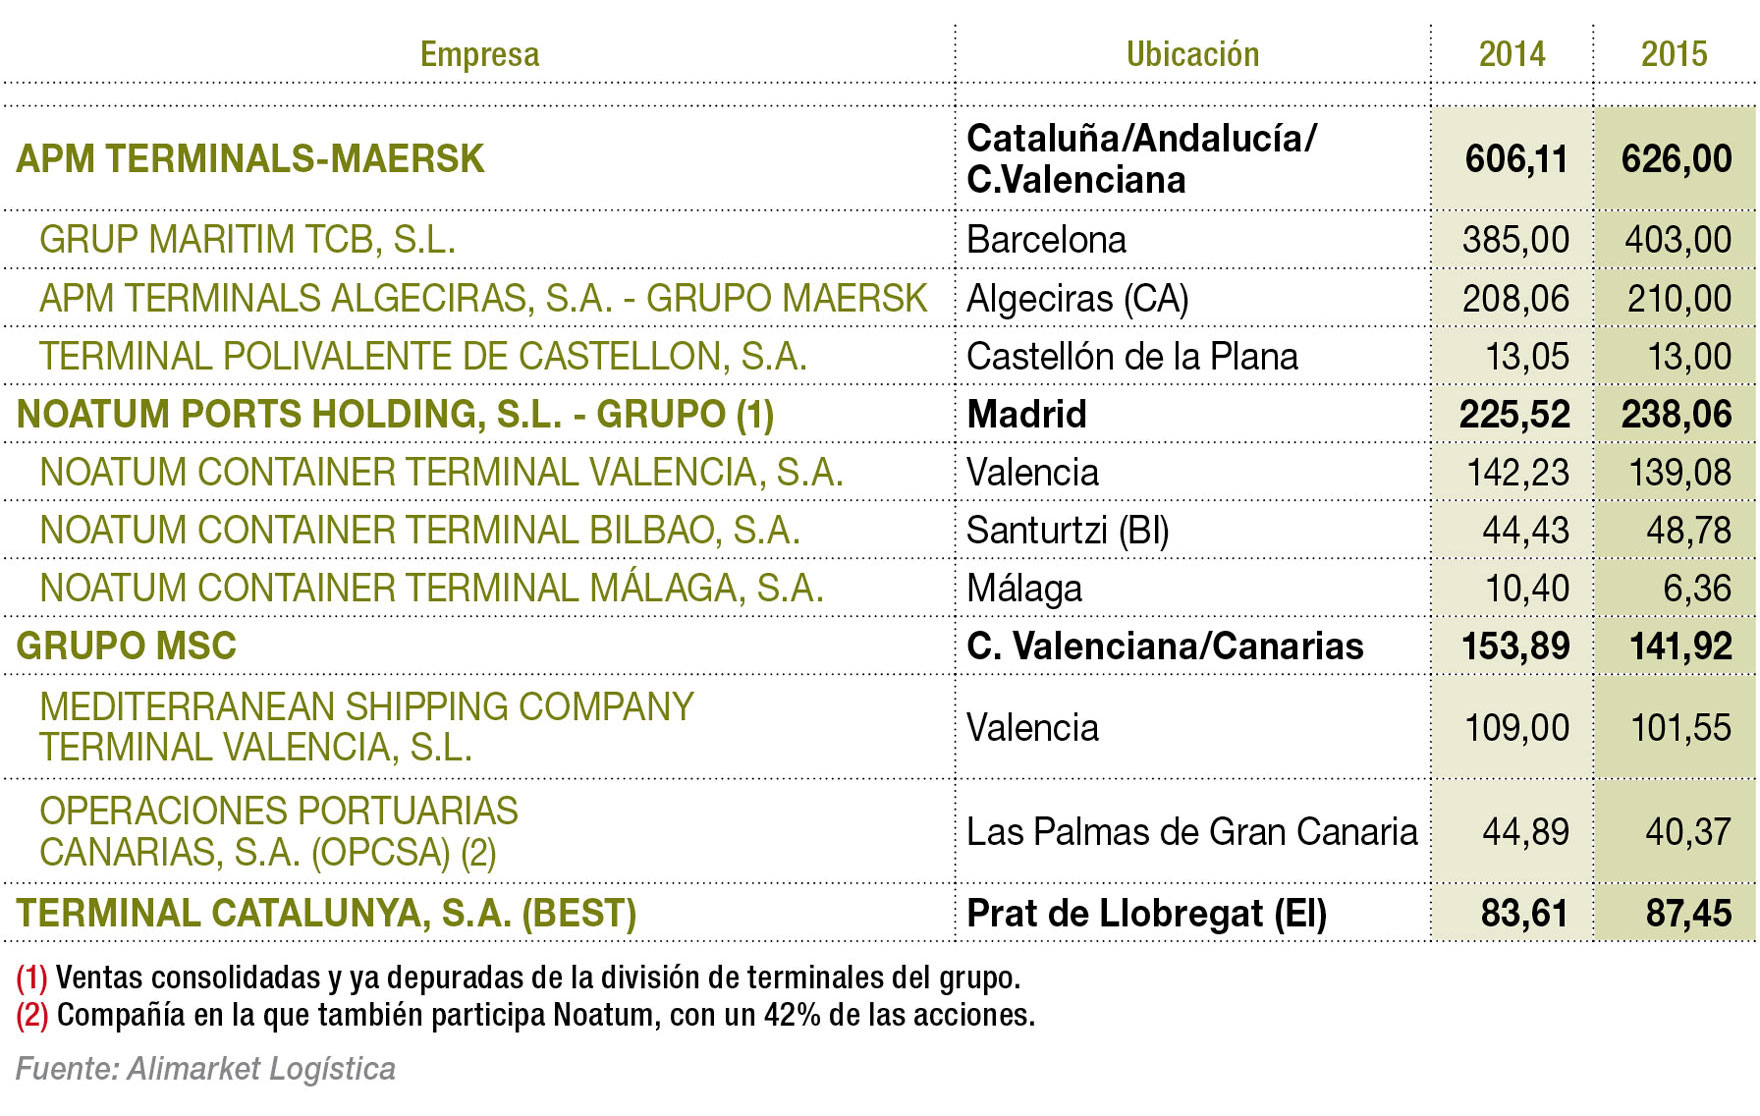 Principales compañías gestoras de terminales de contenedores por facturación (M€)